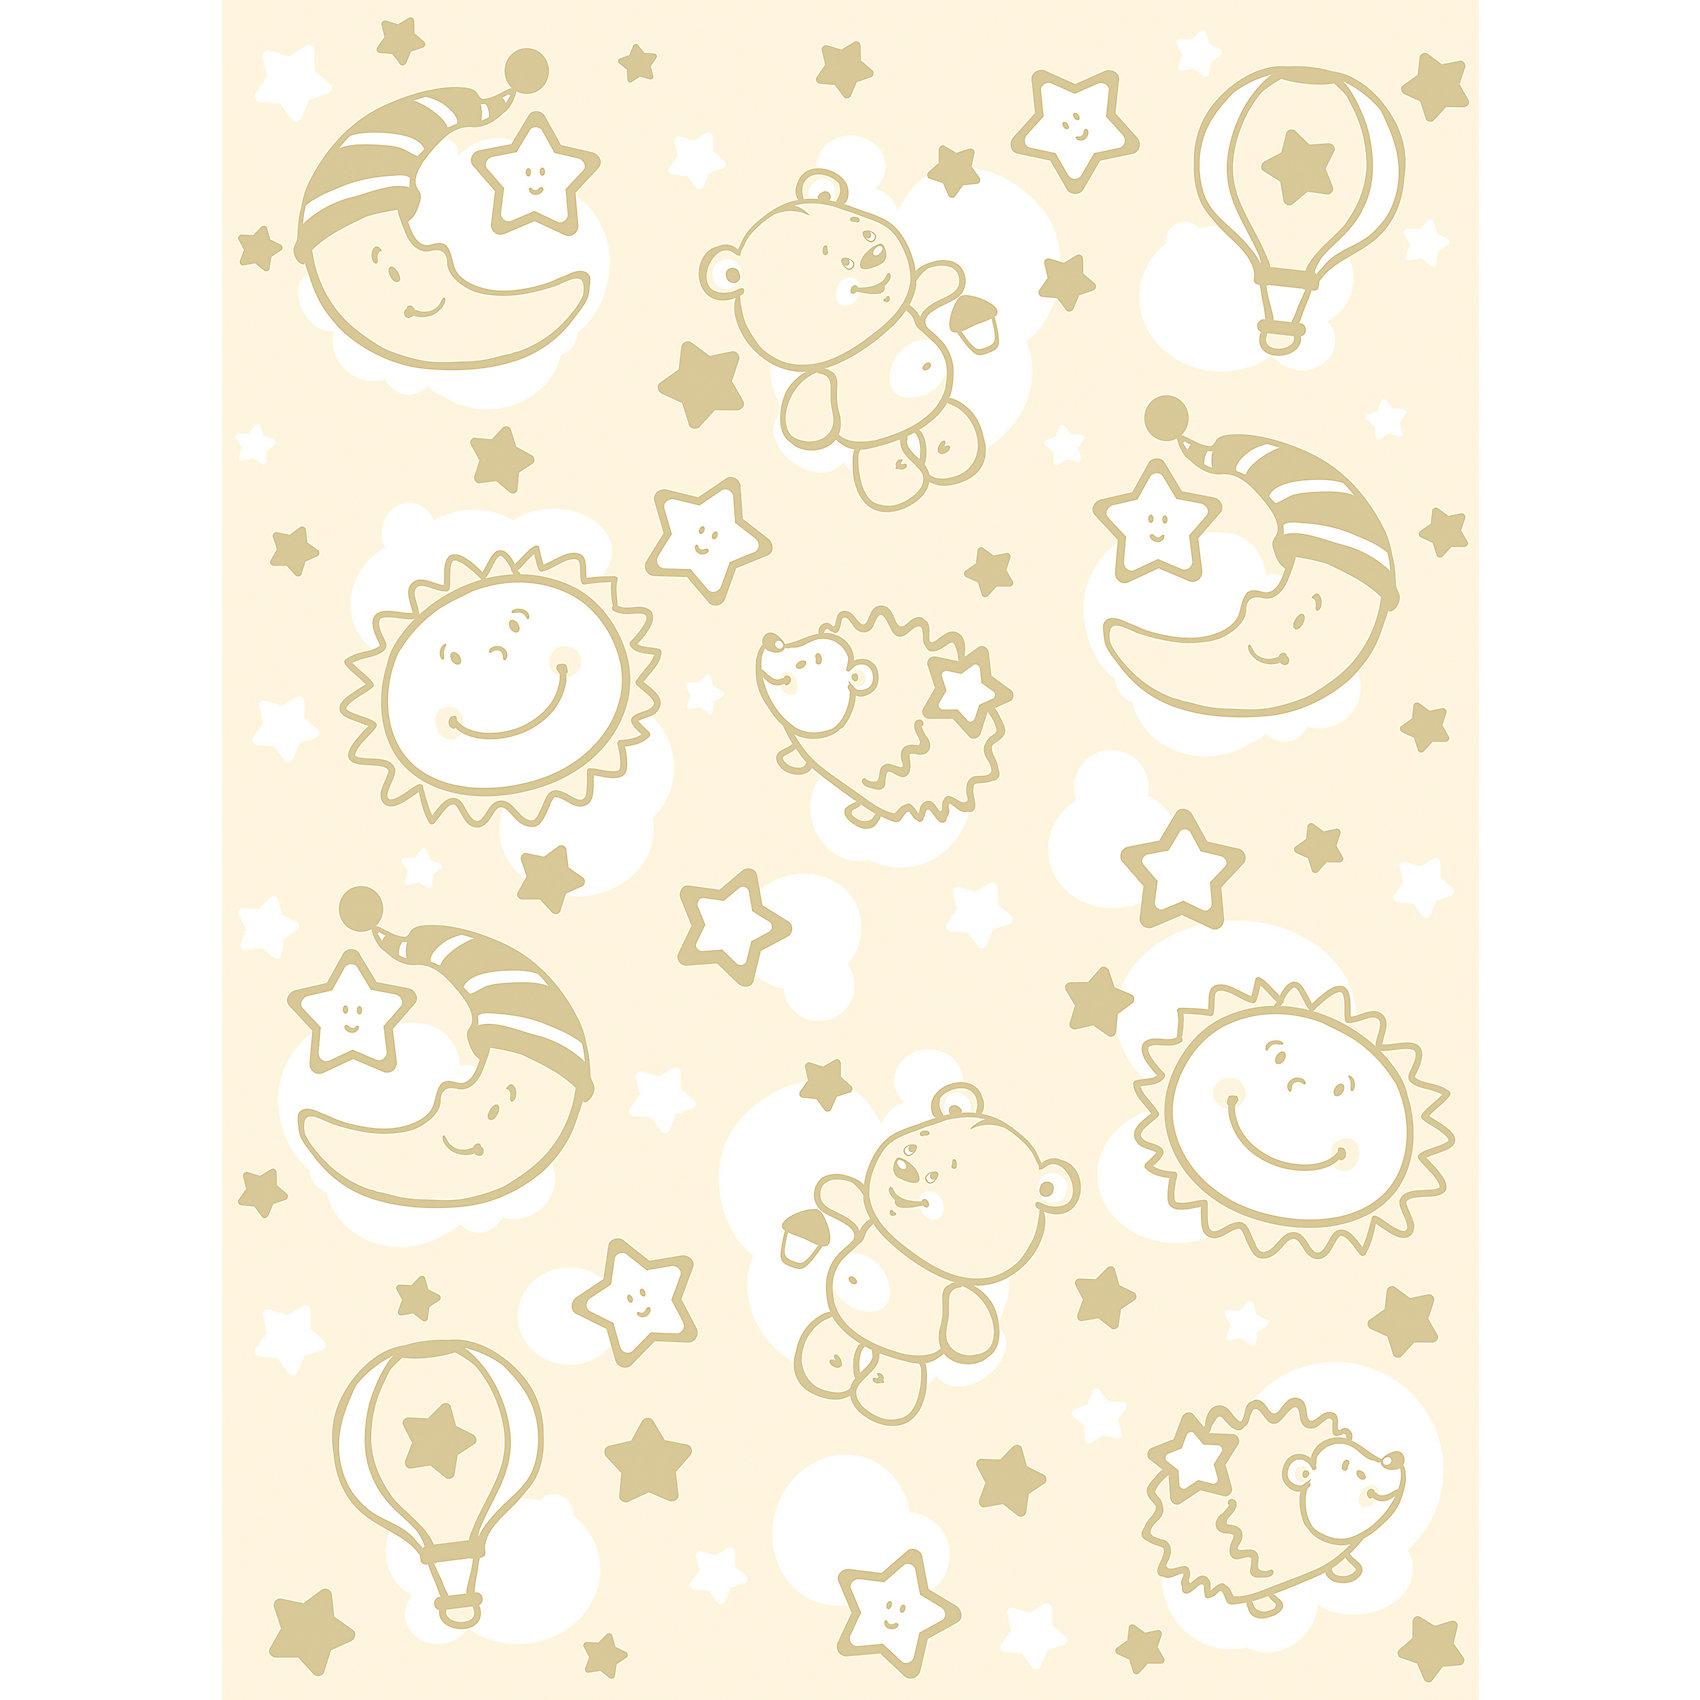 Одеяло байковое Звёздная ночь, 85х115, Baby Nice, бежевыйОдеяла, пледы<br>Мягкое байковое одеяло Звездная ночь подарит малышам крепкий, комфортный и здоровый сон. Одеяло выполнено из натурального хлопка, прекрасно пропускает воздух, сохраняя при этом тепло, что обеспечивает поддержание комфортного микроклимата как дома, так и на прогулке. Абсолютно гипоаллергенное, идеально подходит для новорожденных детей. <br><br>Дополнительная информация:<br><br>- Материал: хлопок 100%, жаккард.<br>- Размер: 115х85 см. <br>- Отделка: оверлок.<br>- Цвет: бежевый.<br>- Декоративные элементы: принт.<br>- Одностороннее.  <br>- Стирка: машинная при 40 ?. <br><br>Одеяло байковое Звёздная ночь, 85х115, Baby Nice (Беби Найс), бежевое, можно купить в нашем магазине.<br><br>Ширина мм: 40<br>Глубина мм: 5<br>Высота мм: 30<br>Вес г: 500<br>Возраст от месяцев: 0<br>Возраст до месяцев: 60<br>Пол: Унисекс<br>Возраст: Детский<br>SKU: 4058253